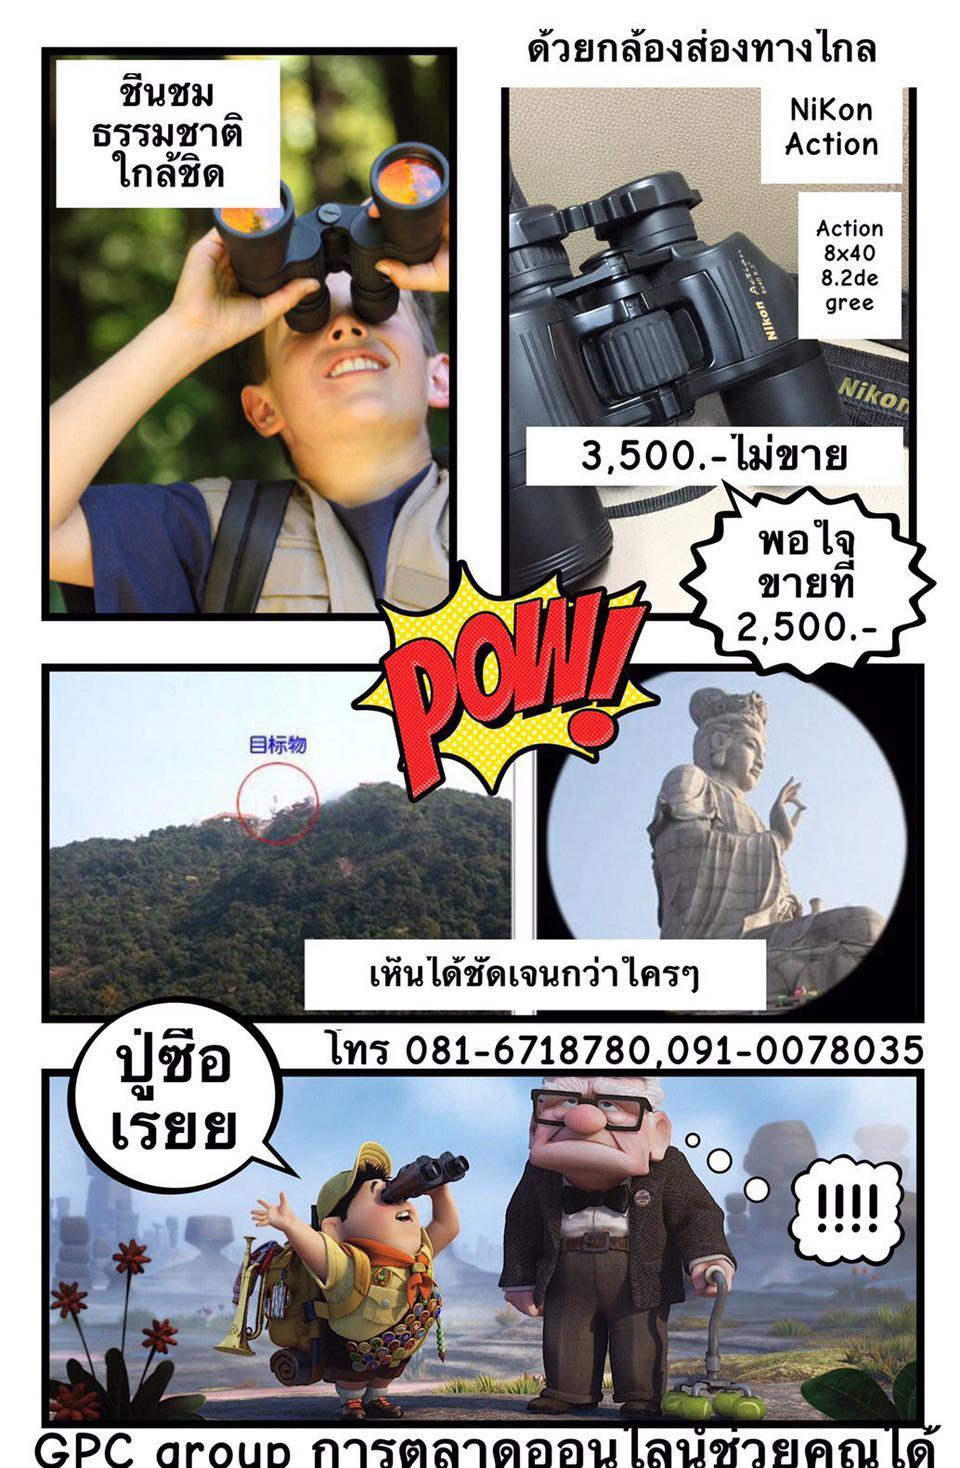 ขายกล้องส่องทางไกล NIKON รุ่น Action 8x10 8.2degree รูปที่ 2